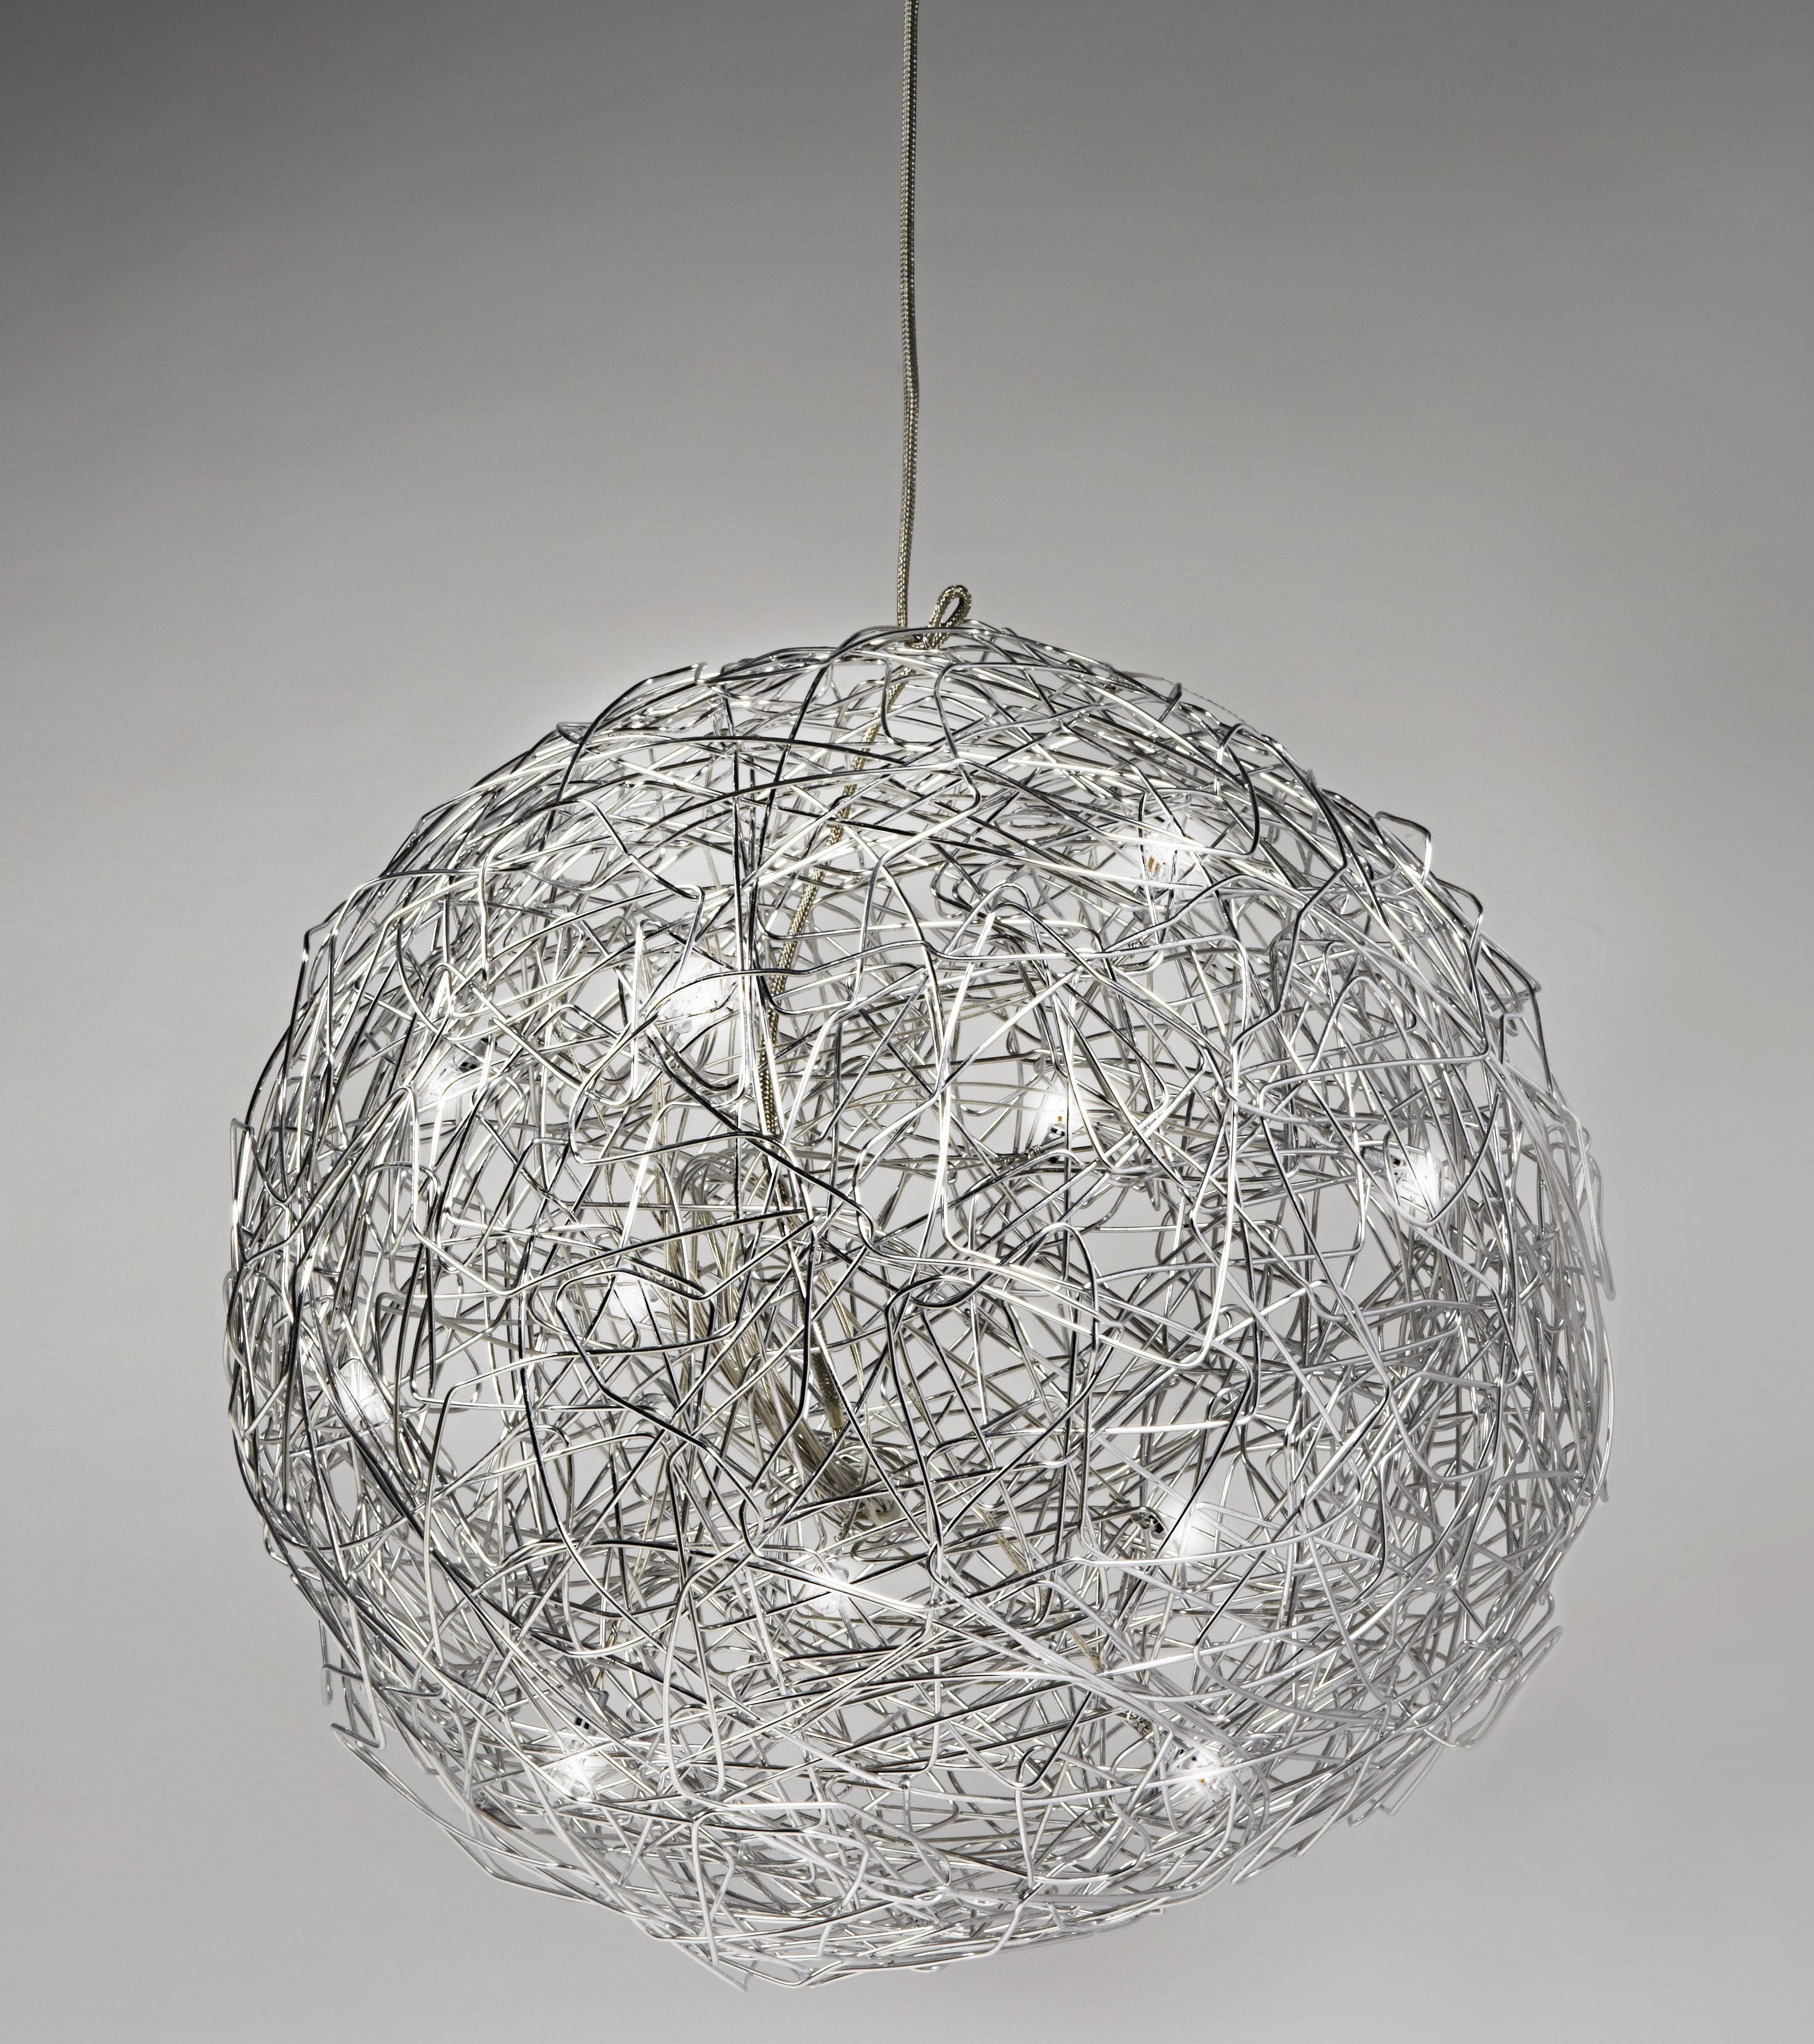 suspension fil de fer 40 cm aluminium 40 cm. Black Bedroom Furniture Sets. Home Design Ideas